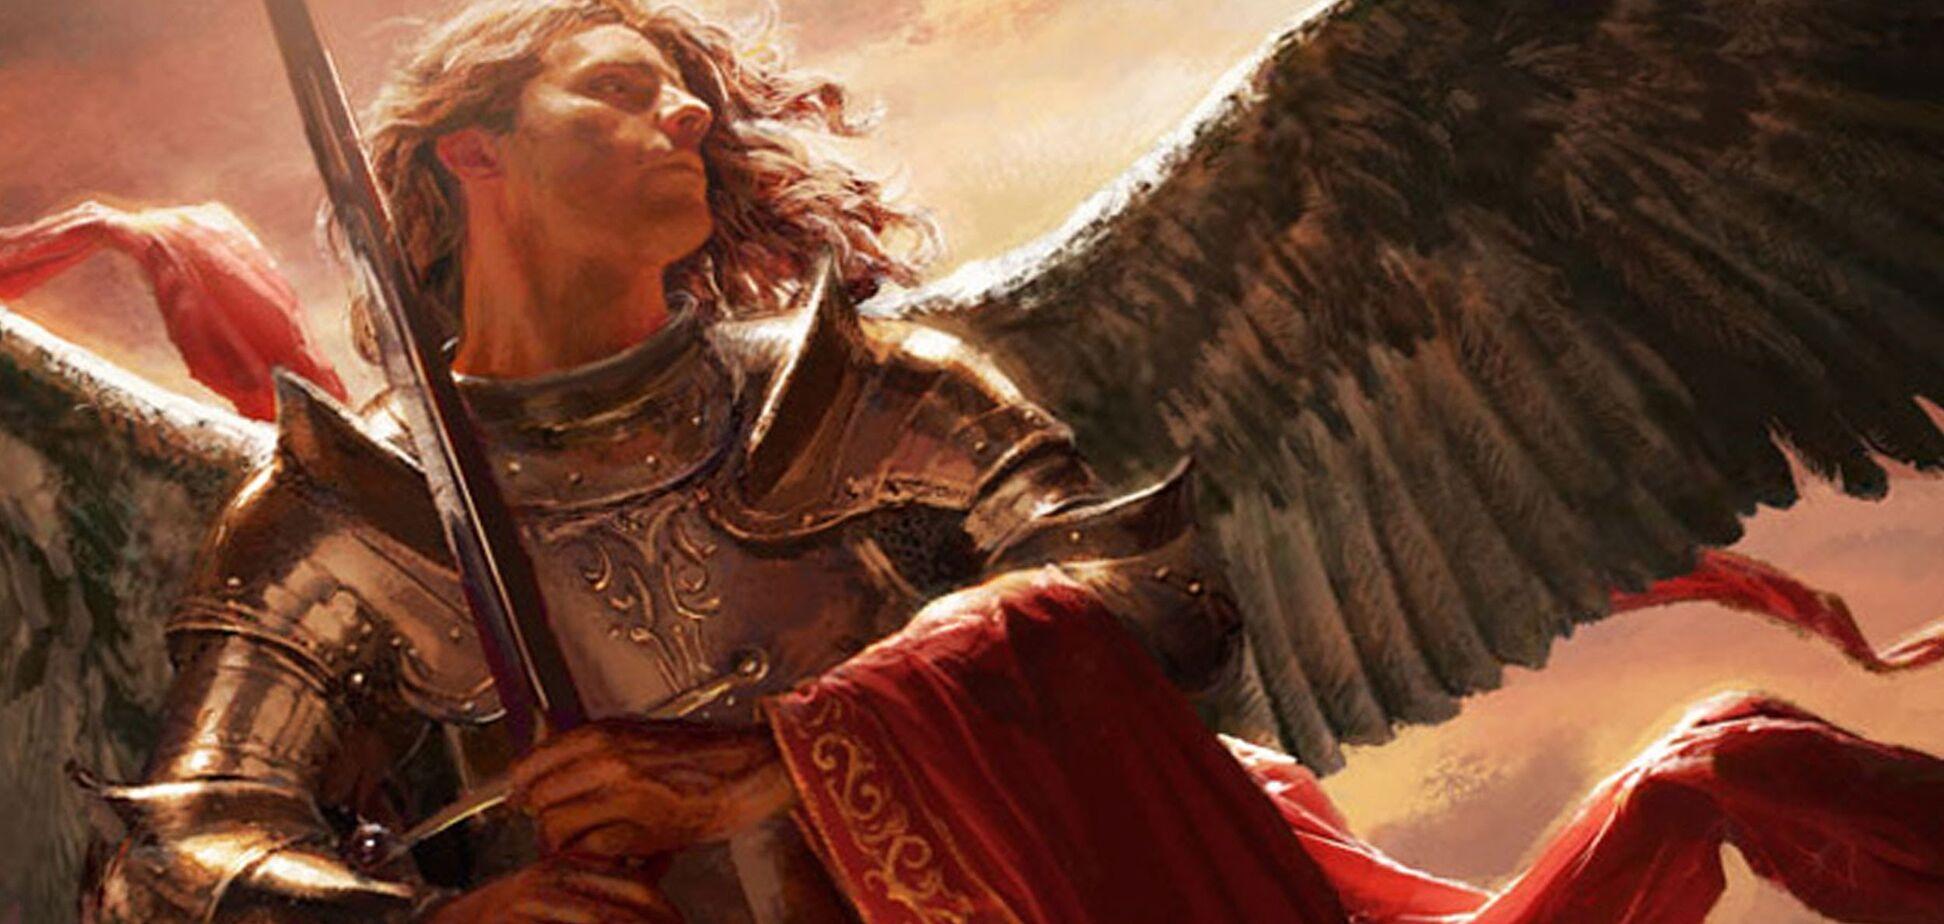 'Даже прослезился': американец запечатлел на фото архангела